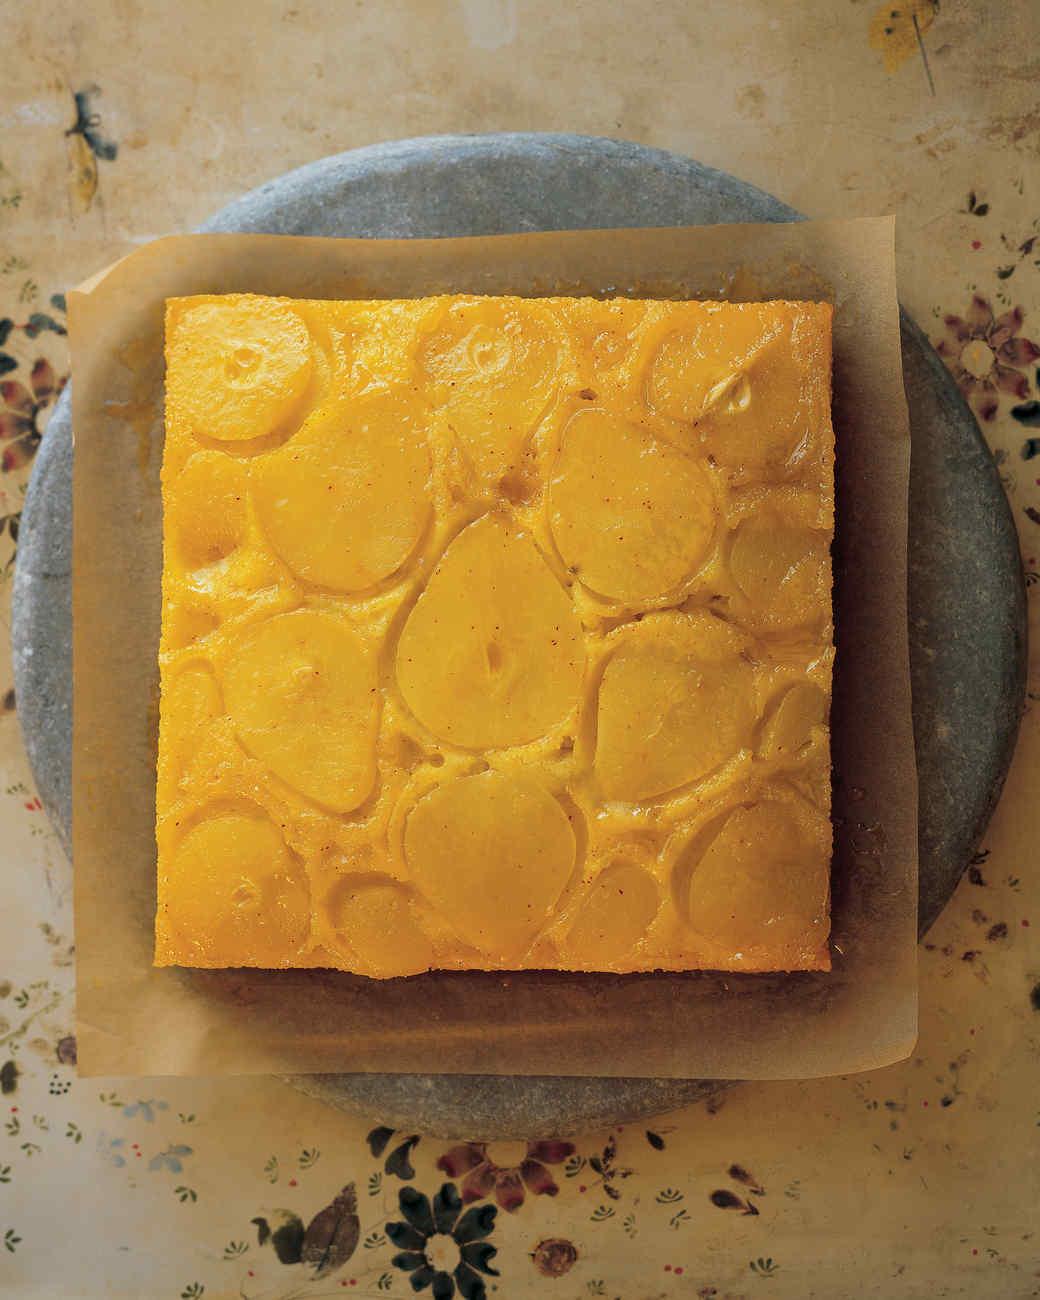 msl_oct06_pears_cake.jpg